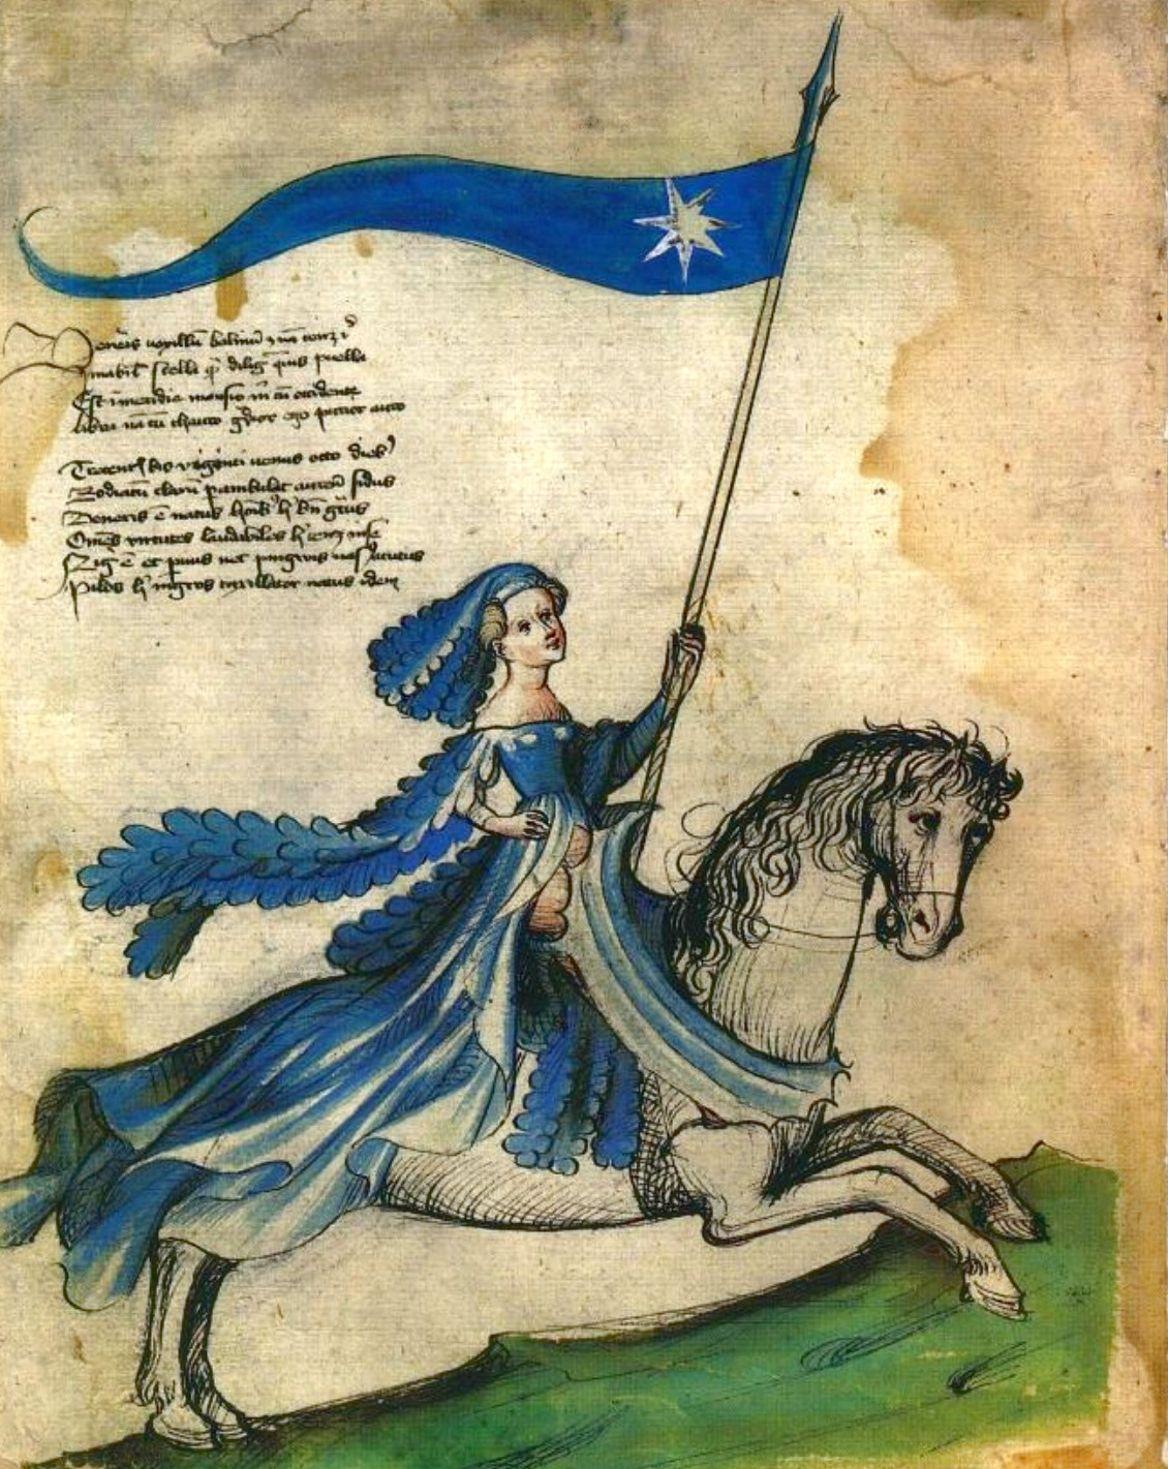 Żoną Władysława III chciała być wdowa po Zygmuncie Luksemburskim, Barbara Cylejska.